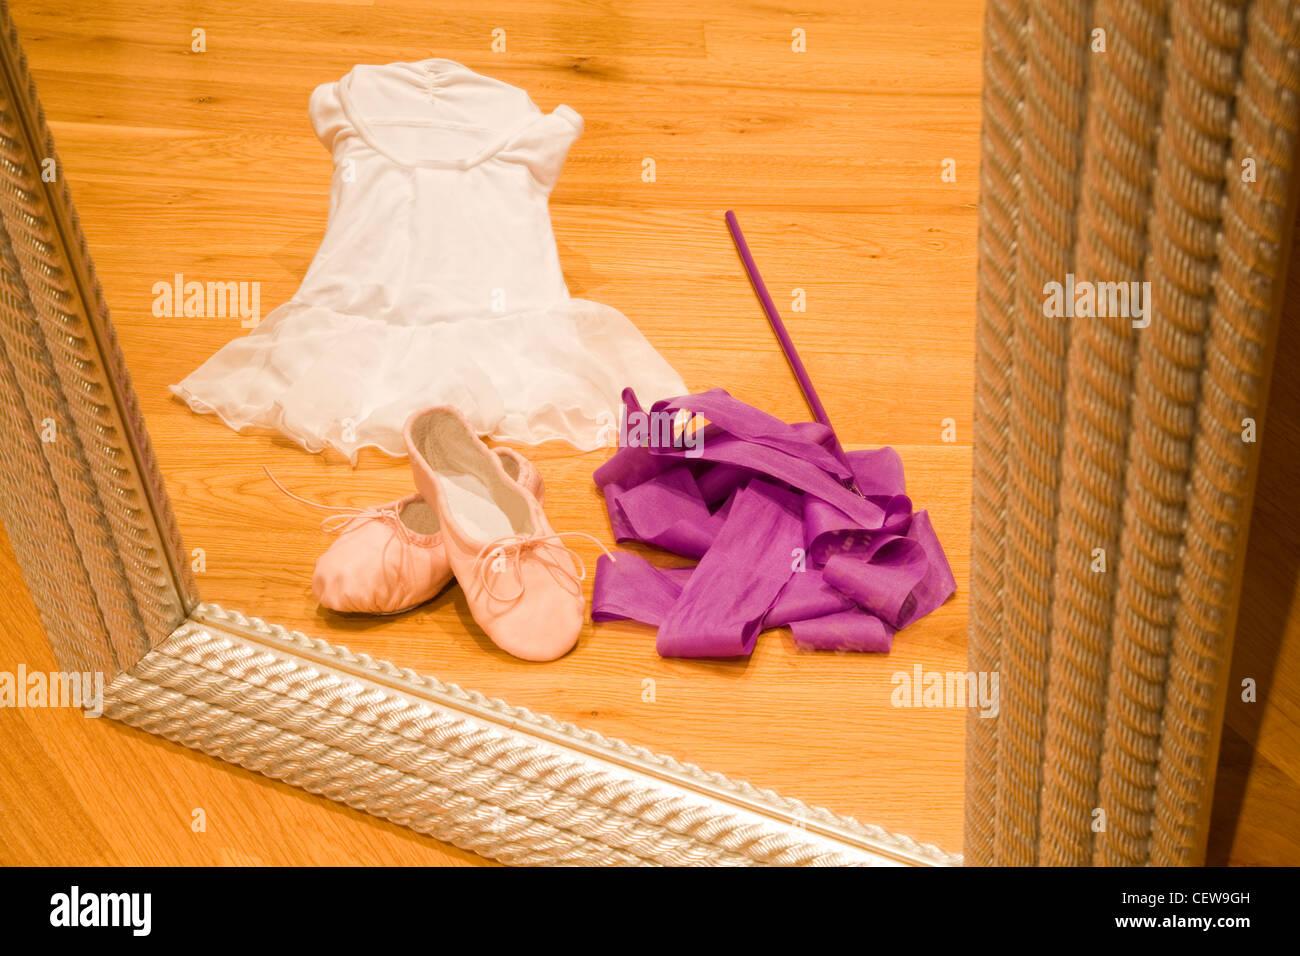 Tutu de ballet, zapatos y cinta vistos a través de un espejo Imagen De Stock